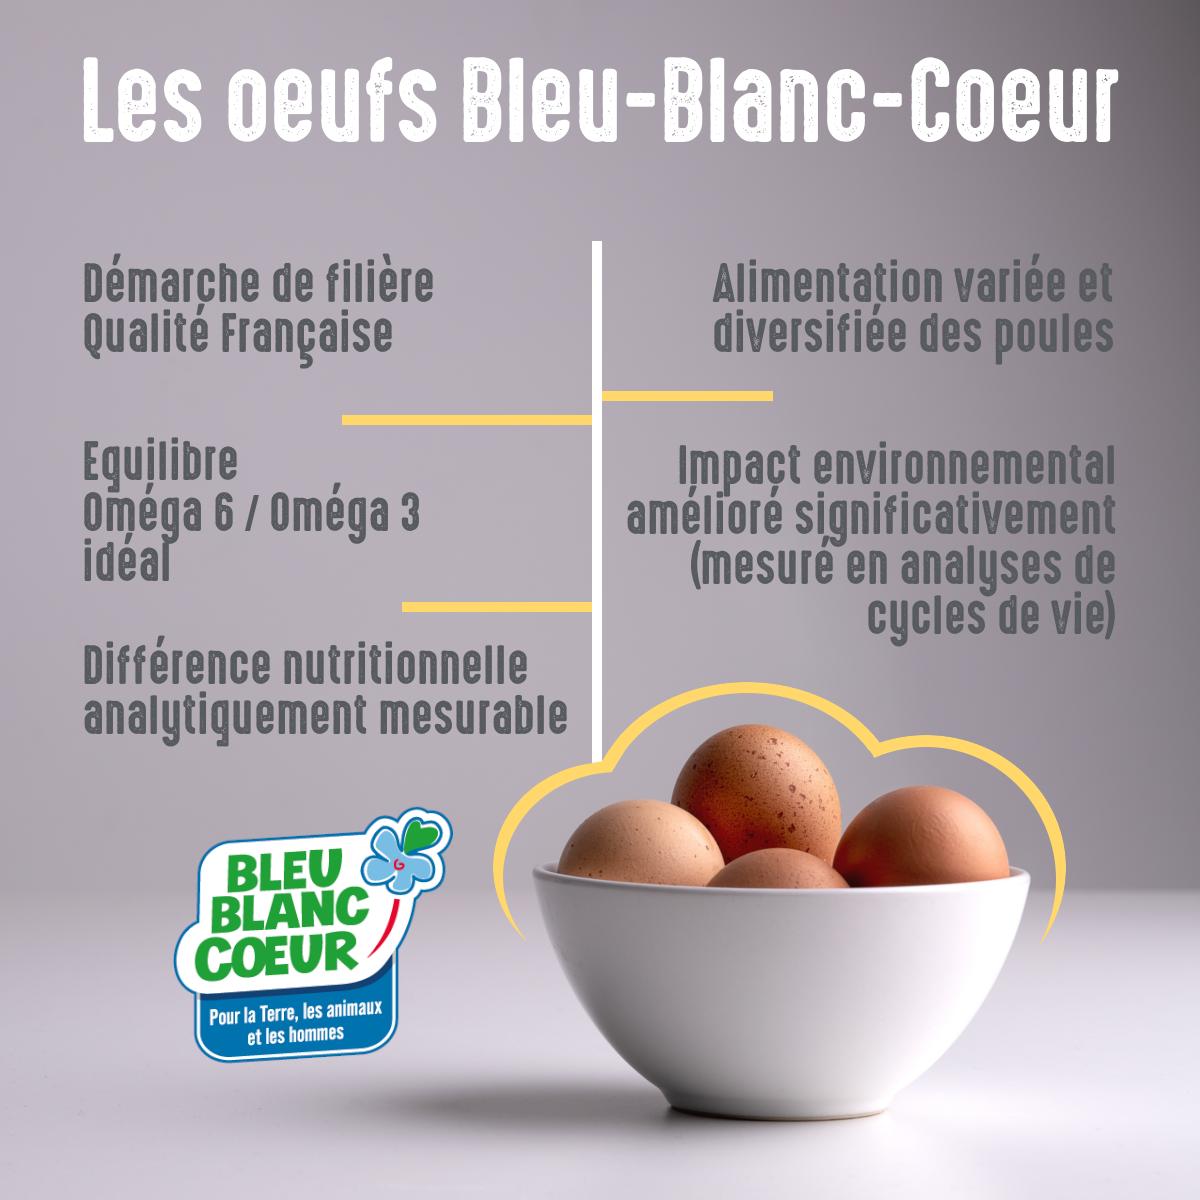 Qualités et bienfaits des oeufs Bleu-Blanc-Coeur